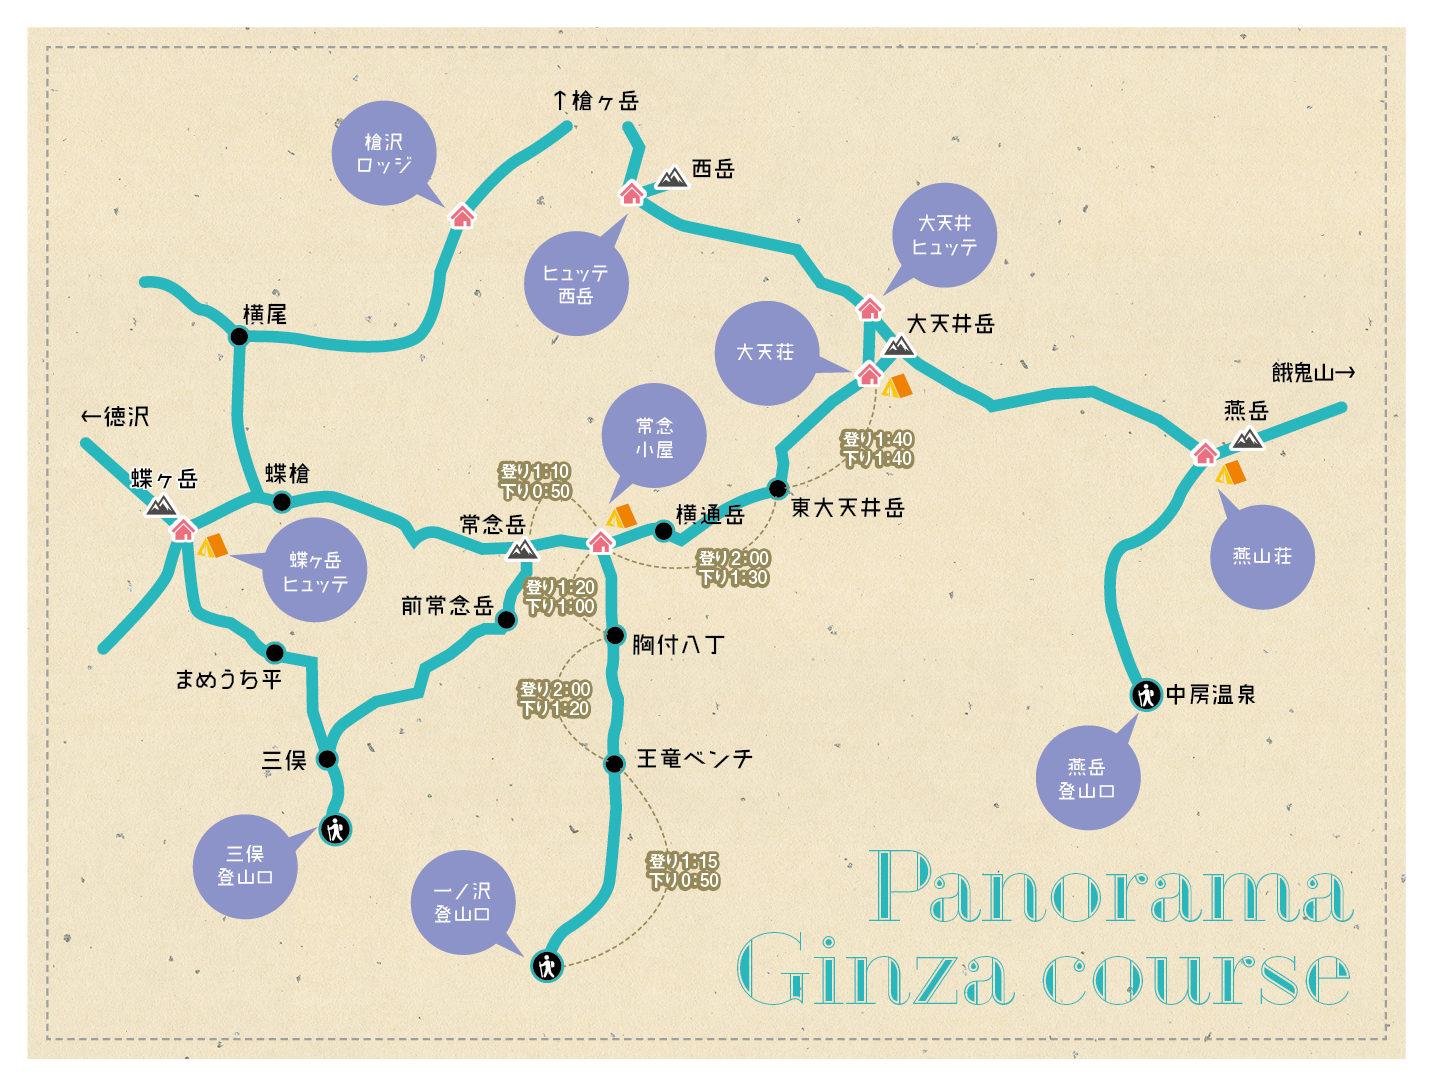 パノラマ銀座コース